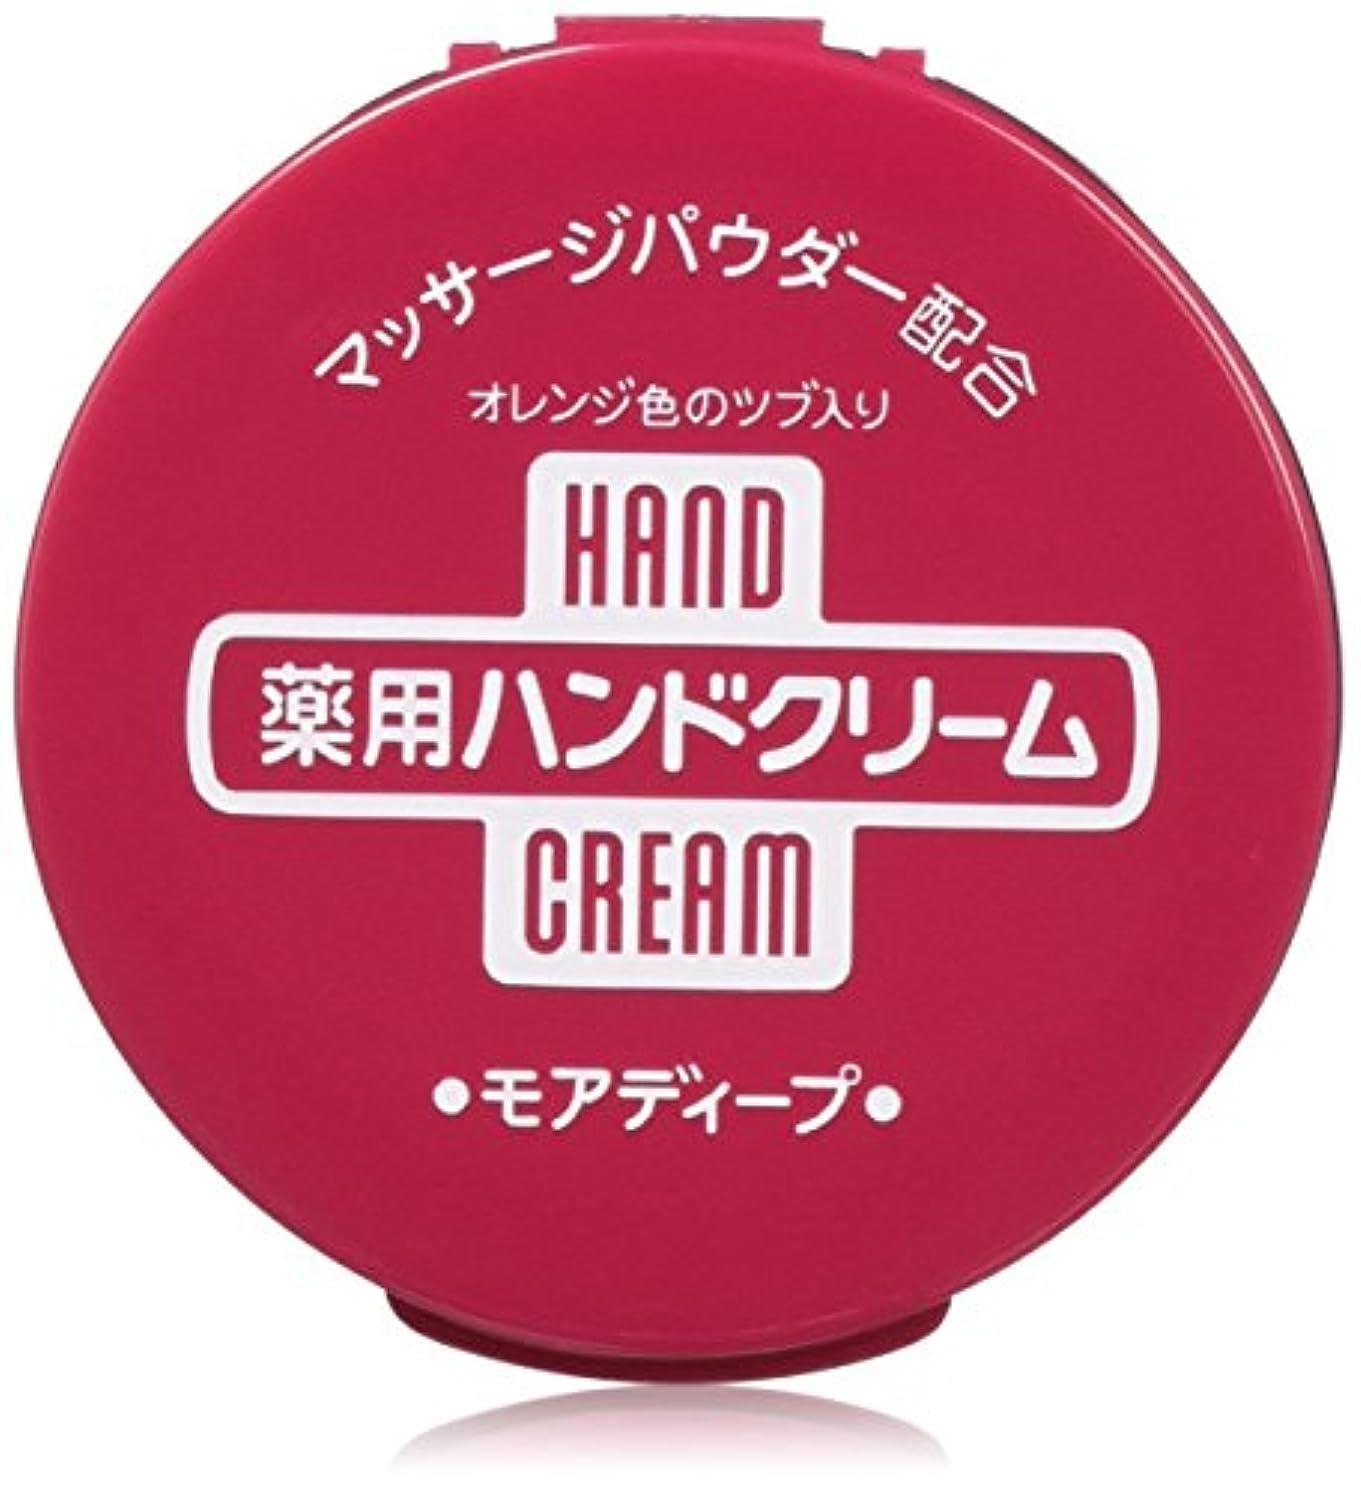 獲物カバレッジ扇動【まとめ買い】薬用ハンドクリーム モアディープ 100g×12個